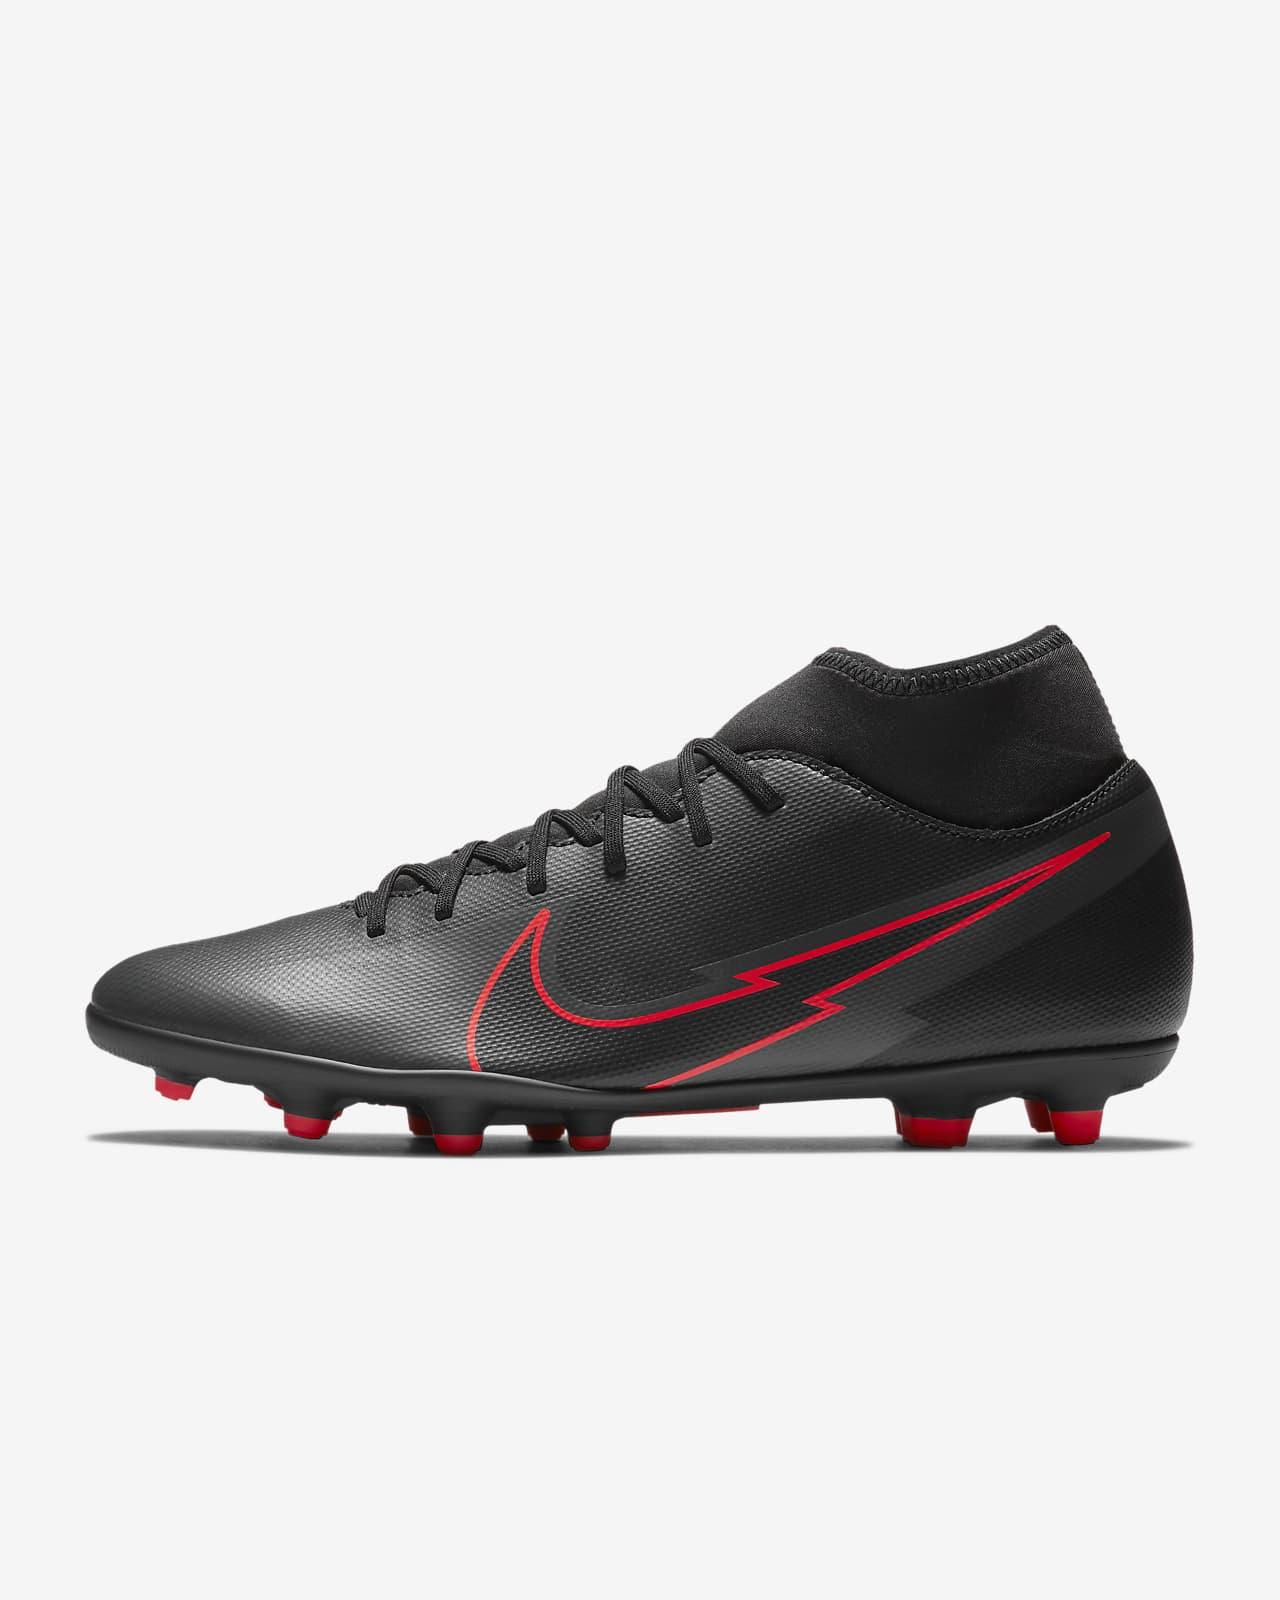 Nike Mercurial Superfly 7 Club MG-fodboldstøvle til flere typer underlag